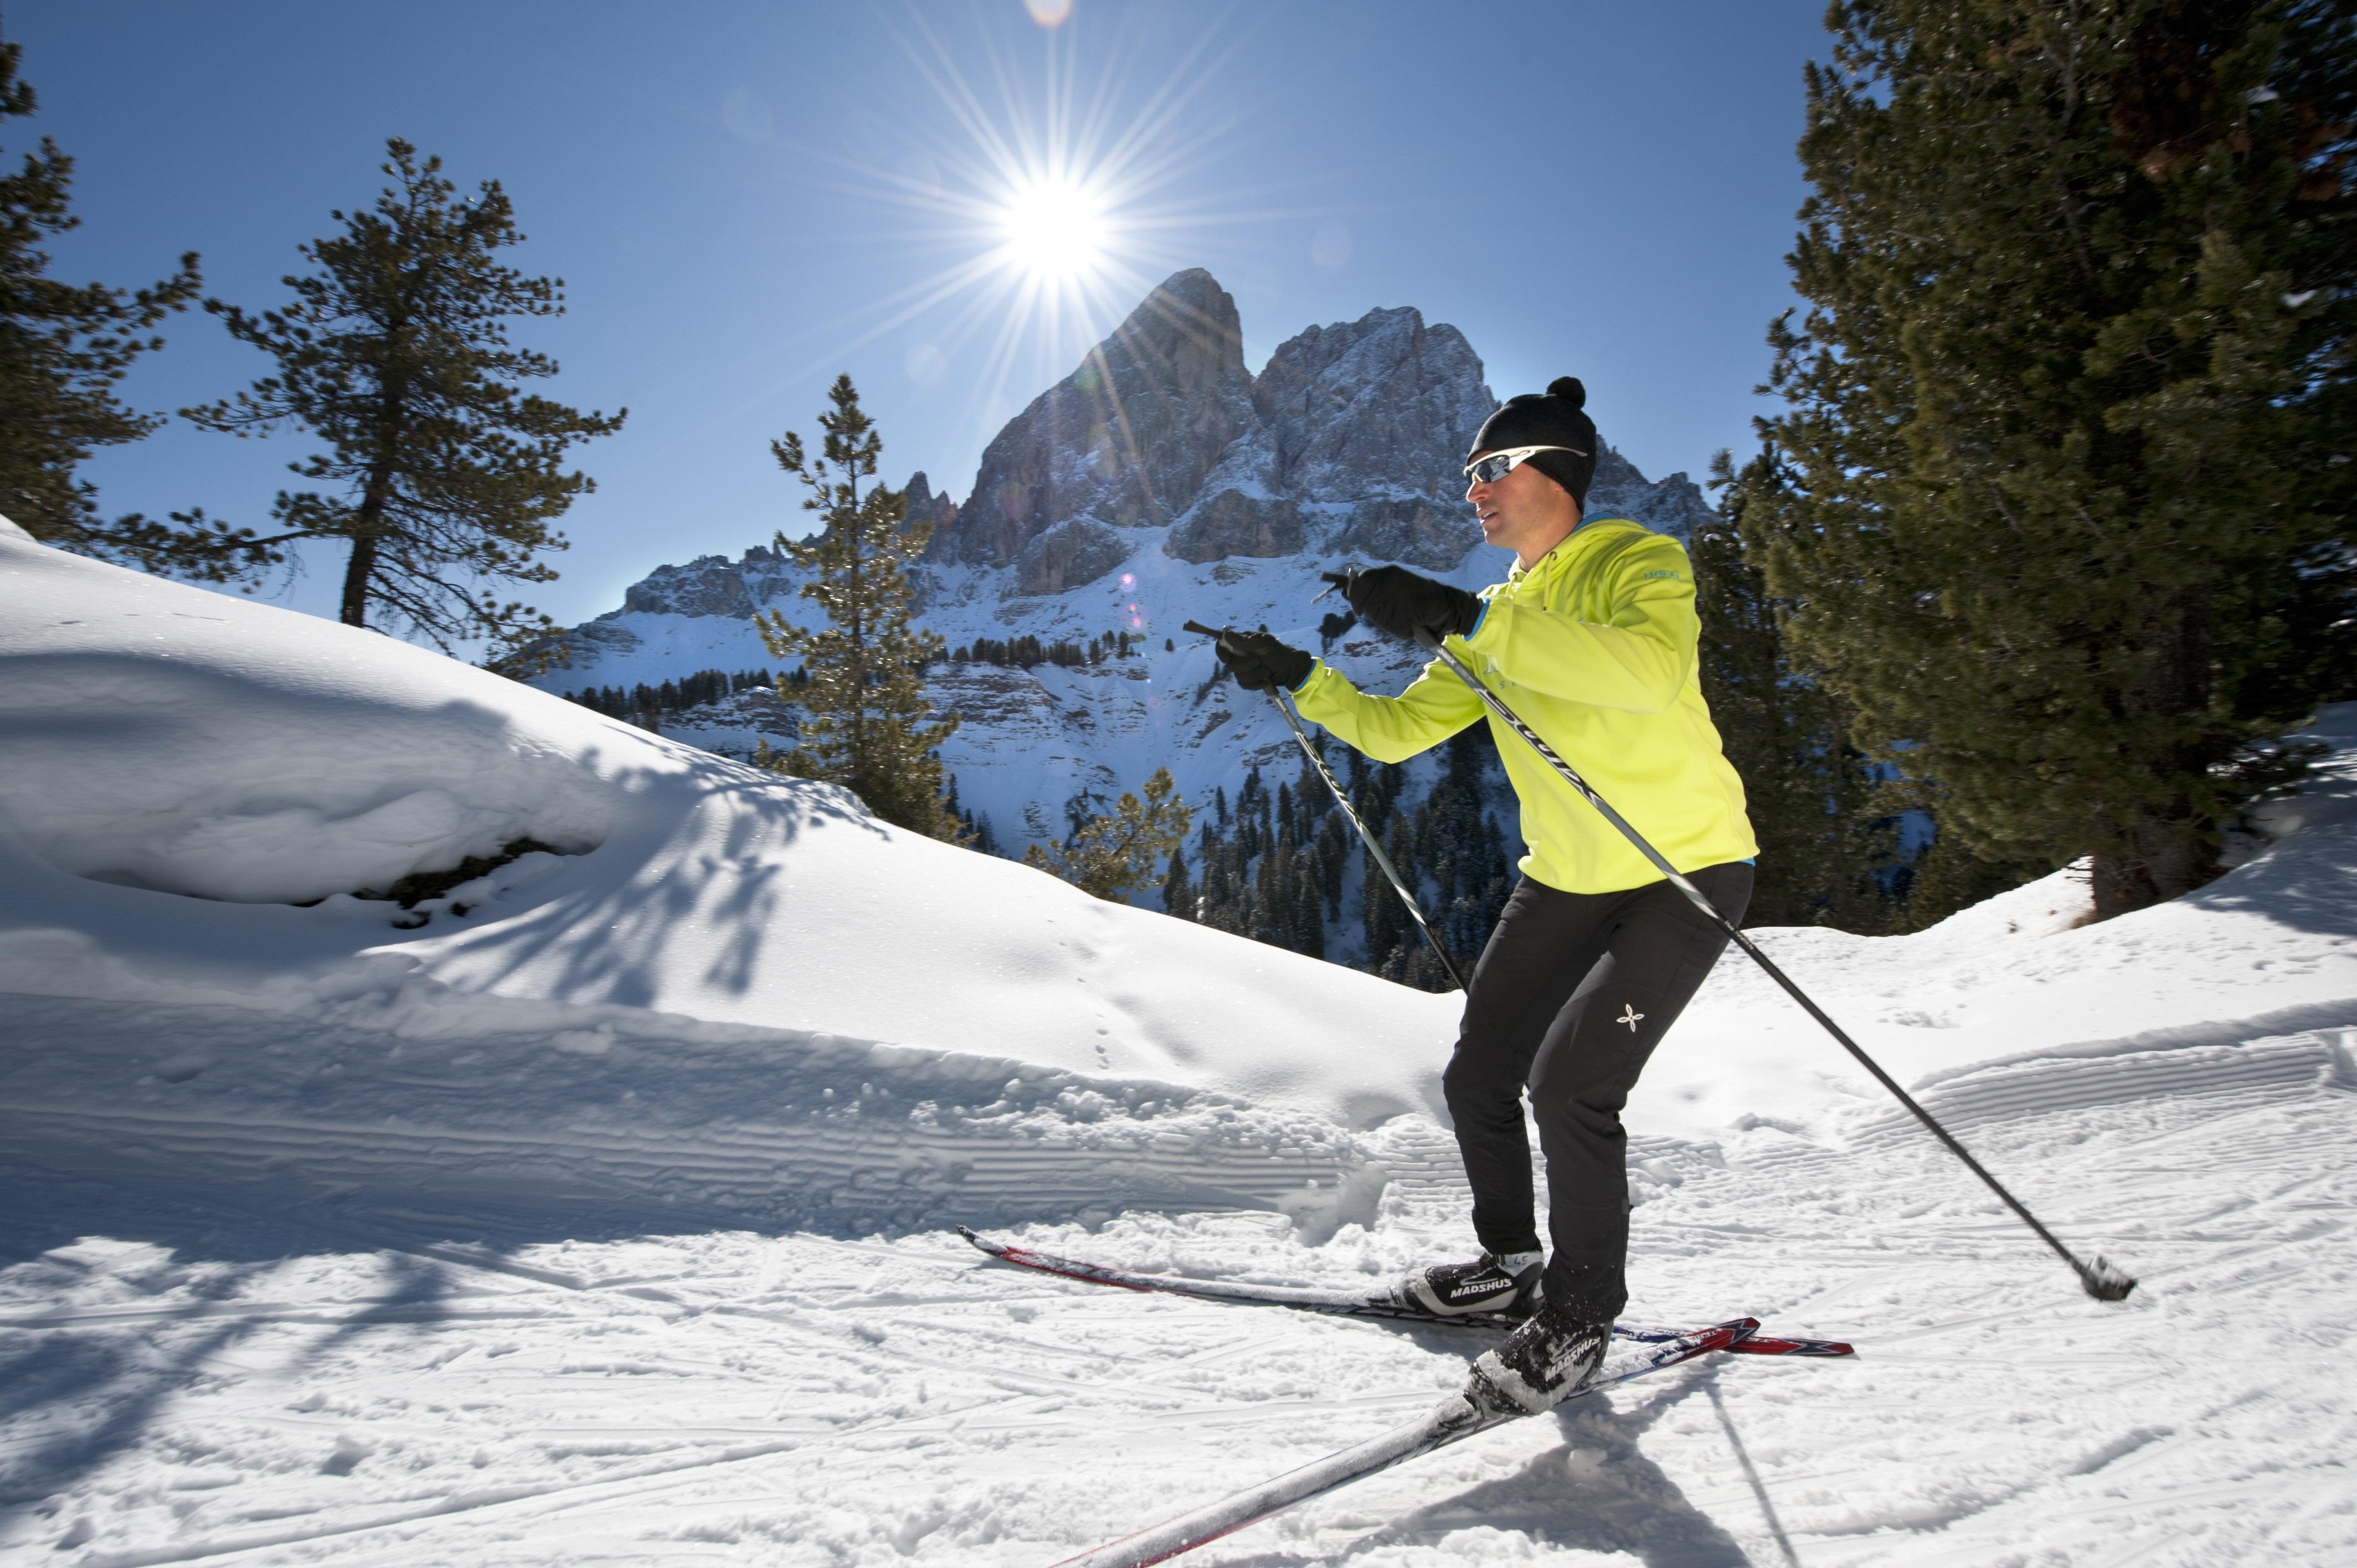 Langlaufen in Weißenbach: Im Berghotel Alpenfrieden im Ahrntal werden Sporturlaube wahr. ©TVB Kronplatz, Helmuth Rier